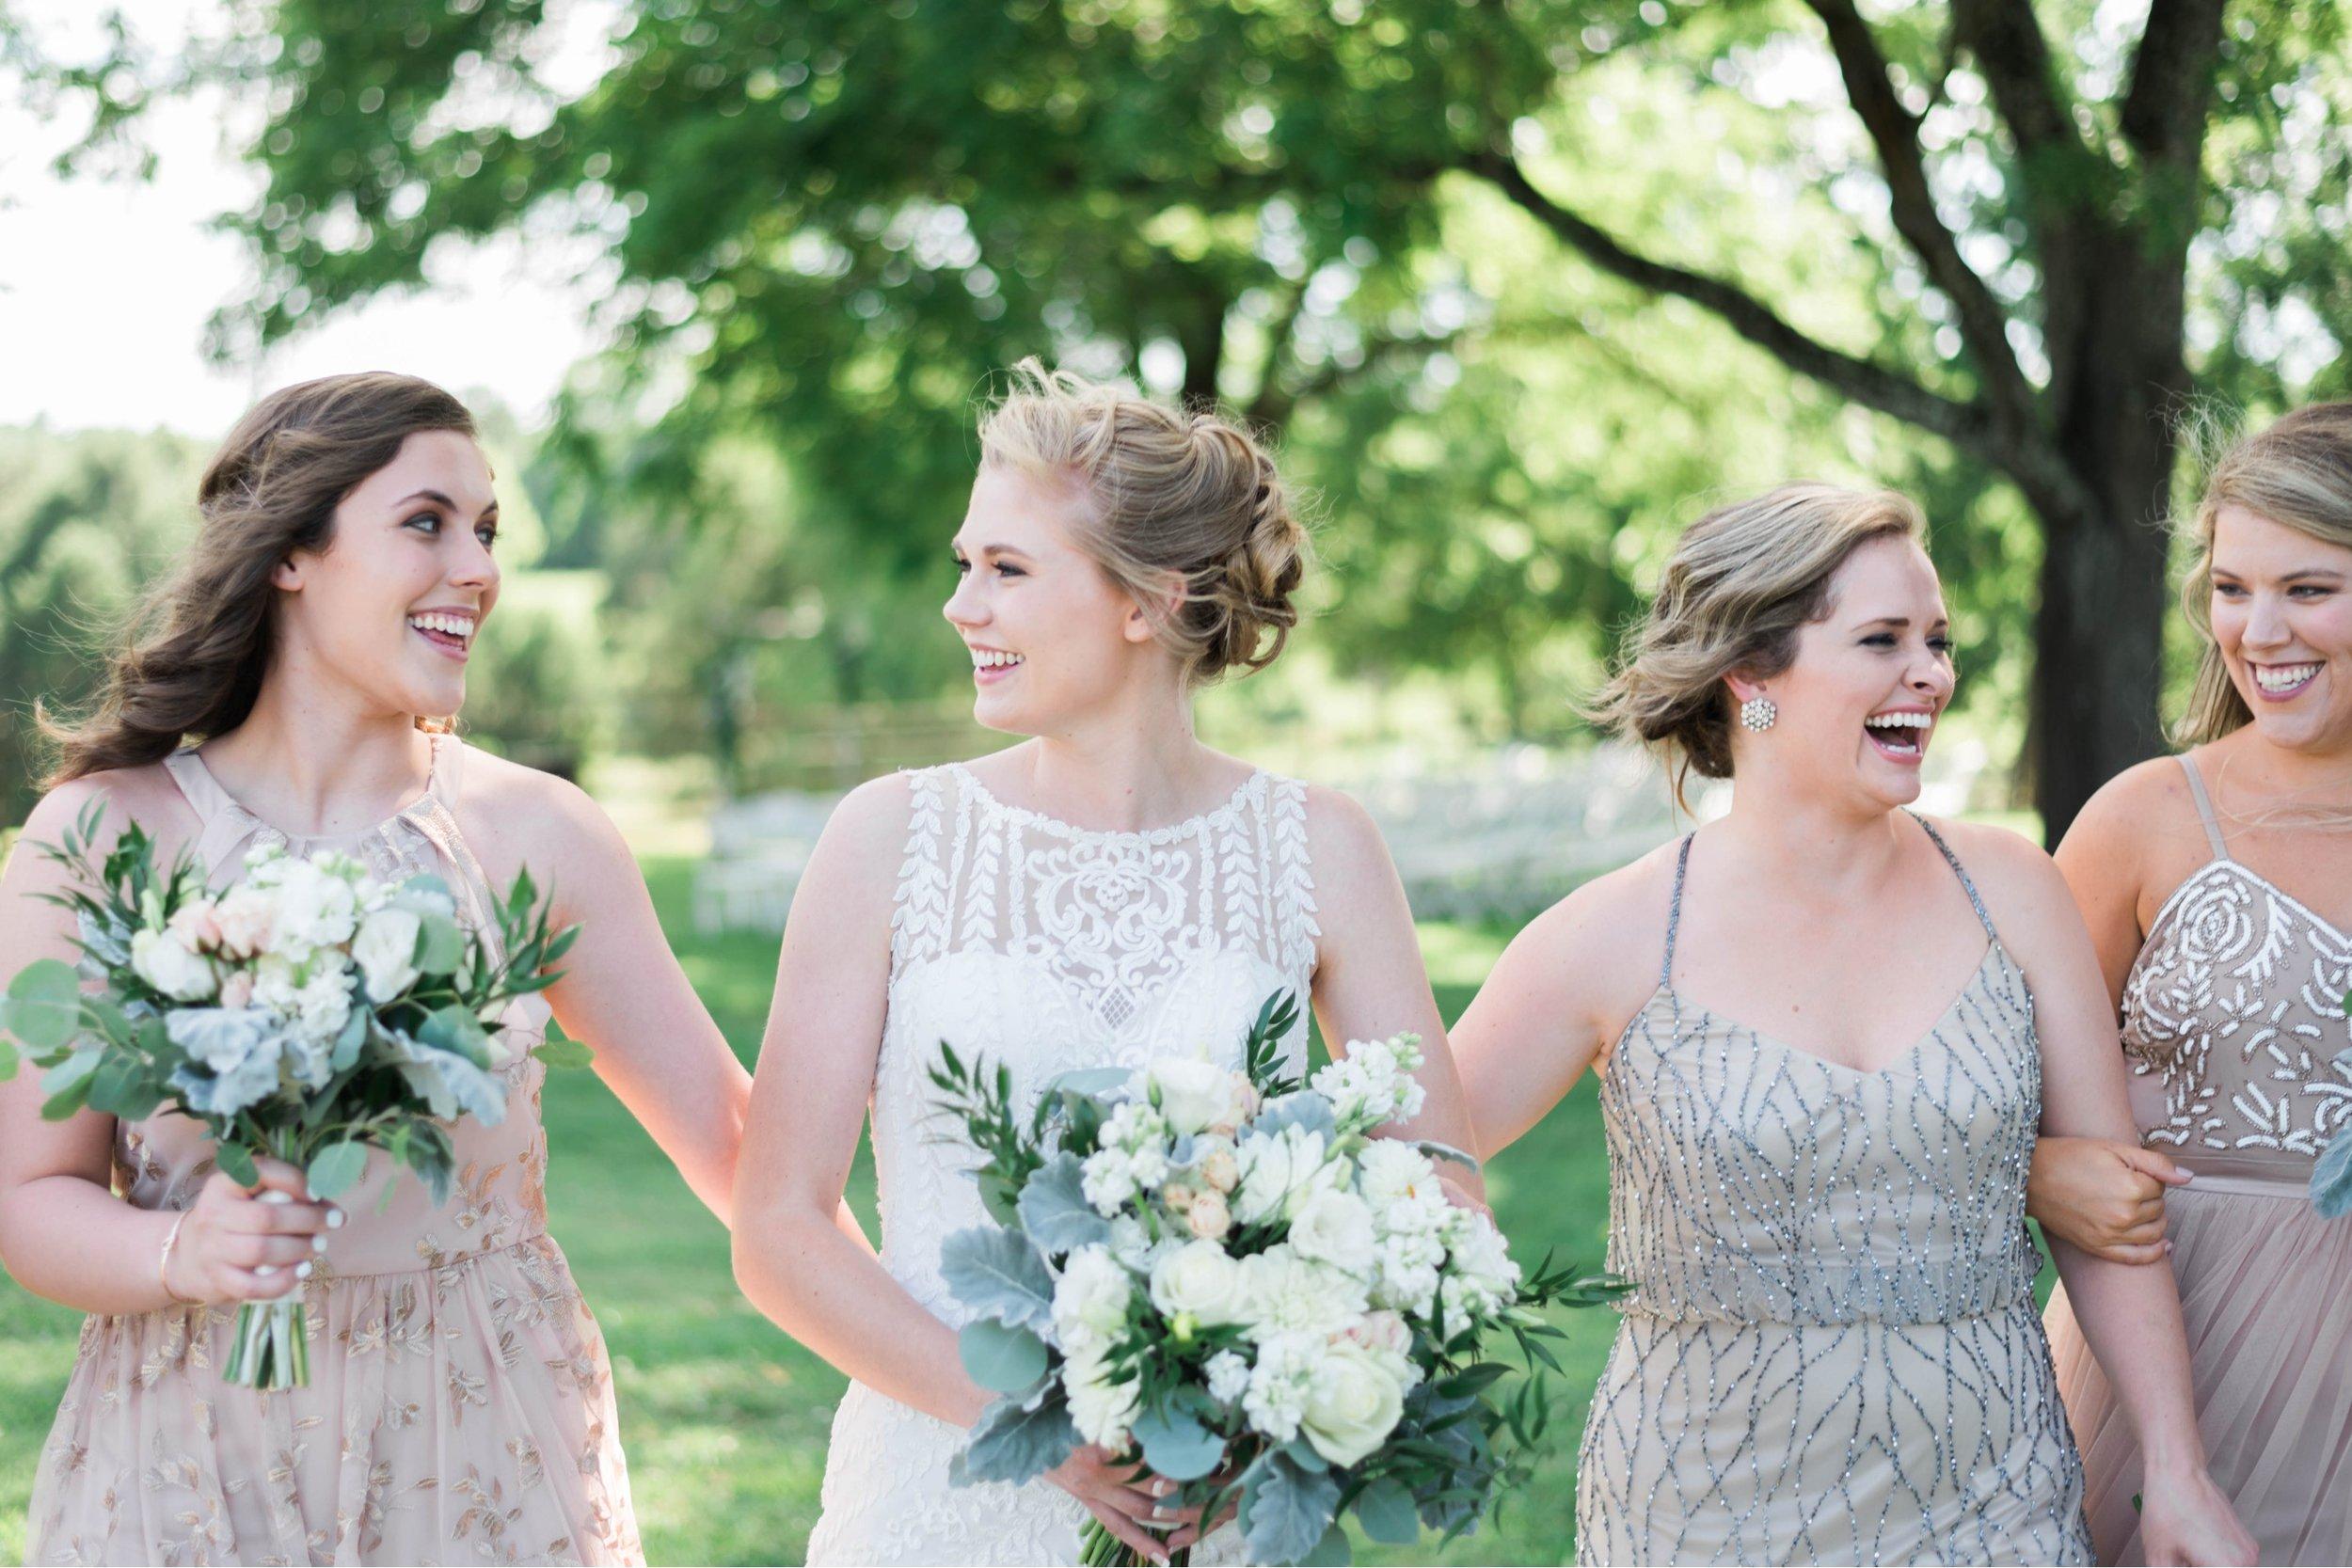 SorellaFarms_VirginiaWeddingPhotographer_BarnWedding_Lynchburgweddingphotographer_DanielleTyler 11.jpg